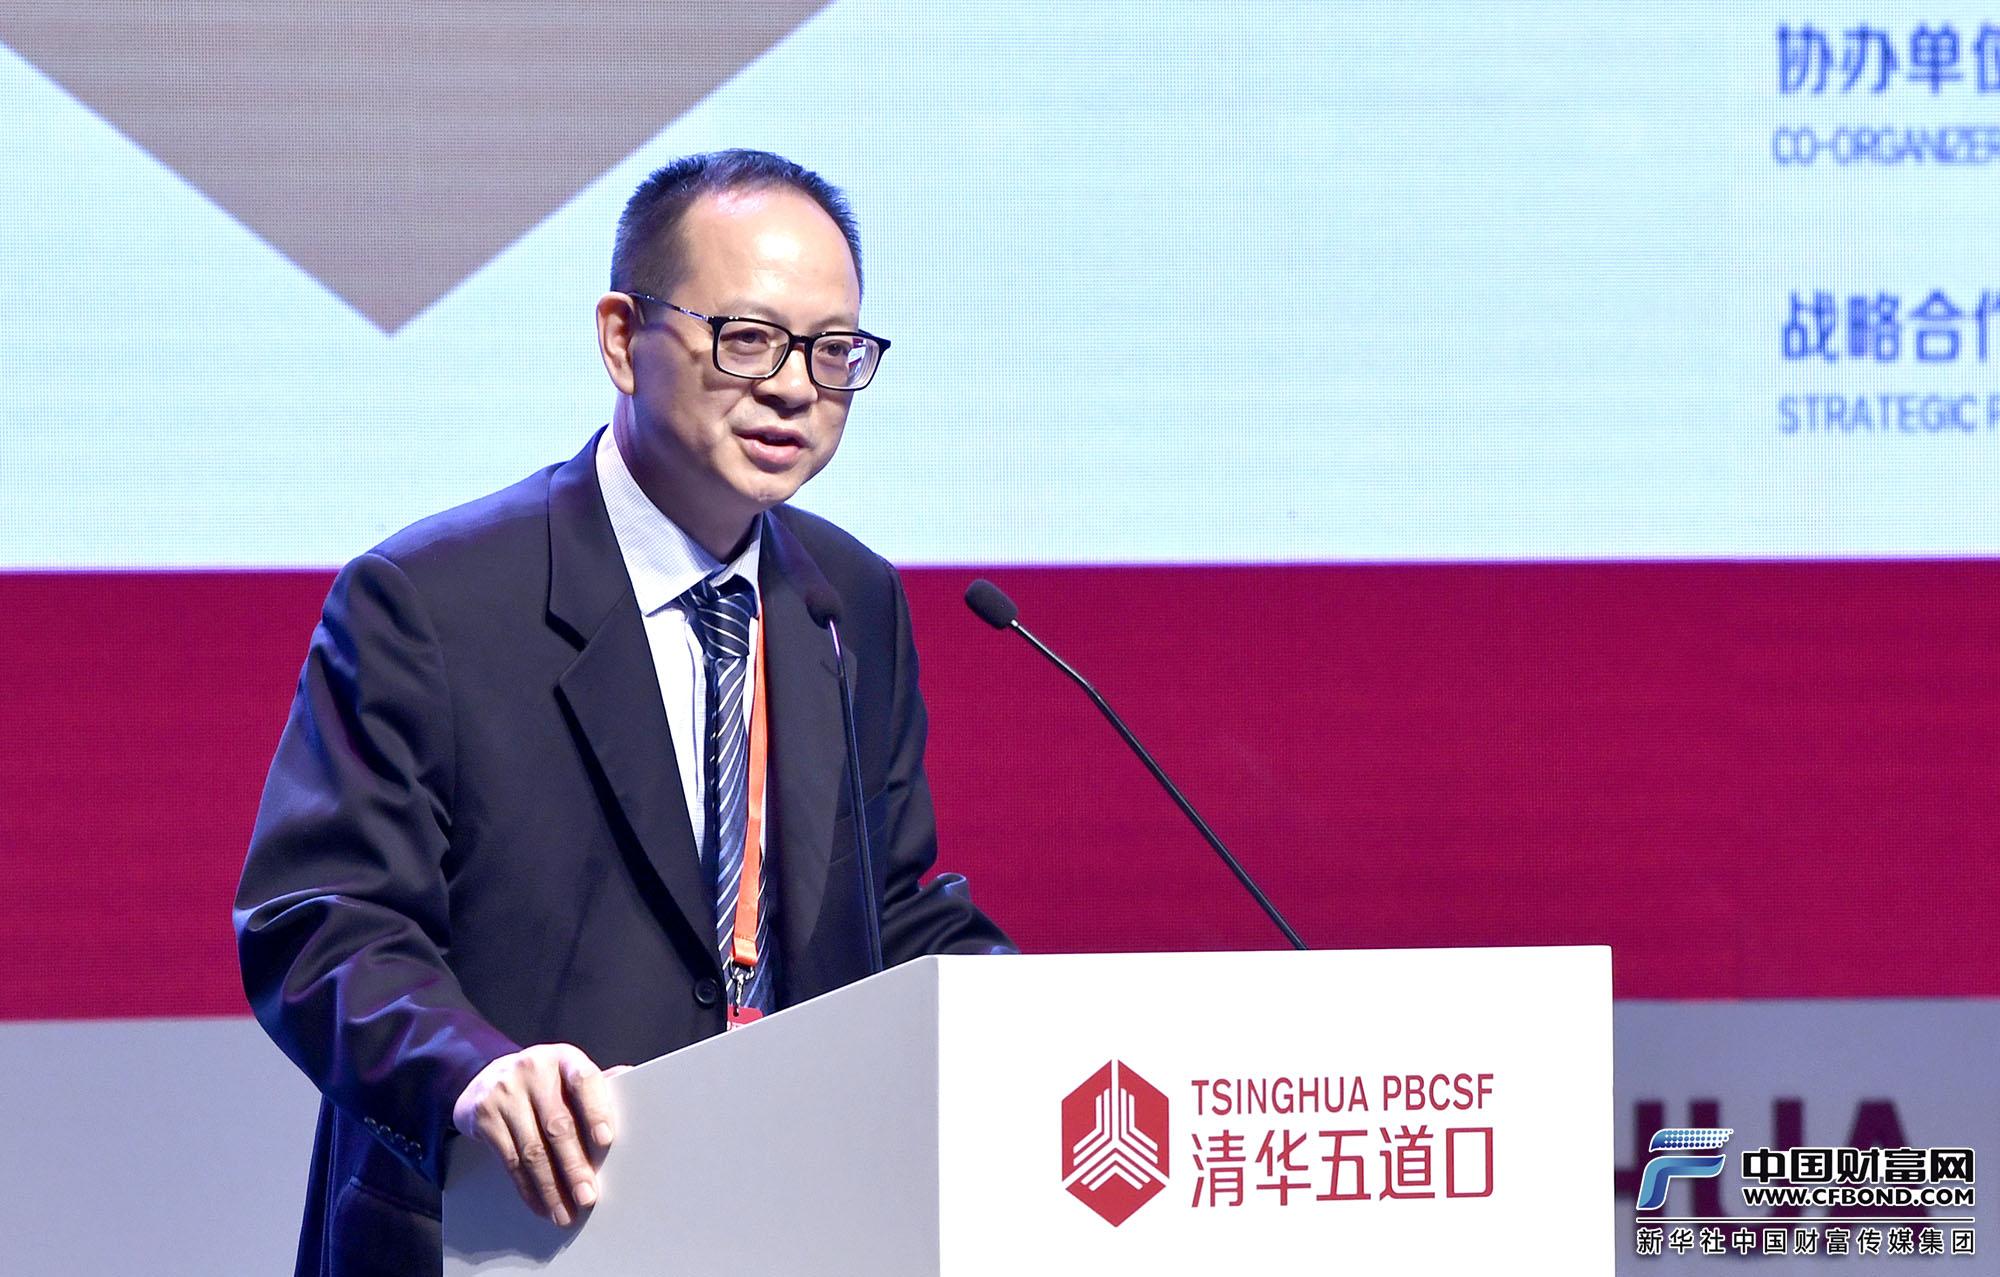 演讲嘉宾:国家自然科学基金委员会管理科学部副主任杨列勋